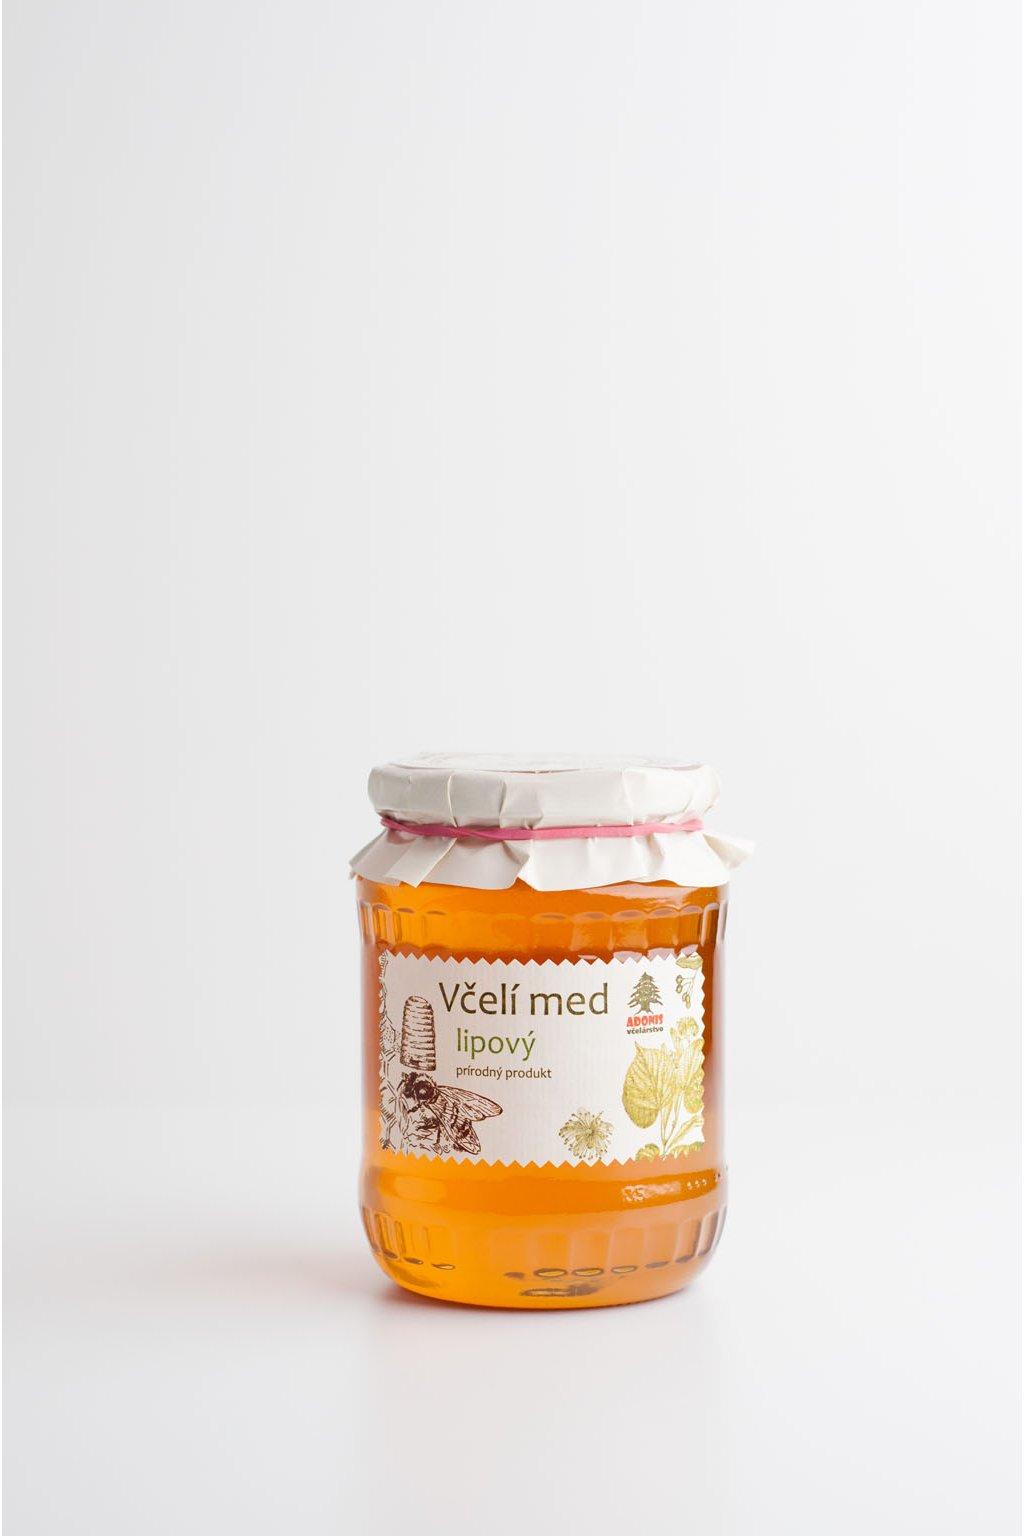 Lipový med - 900g